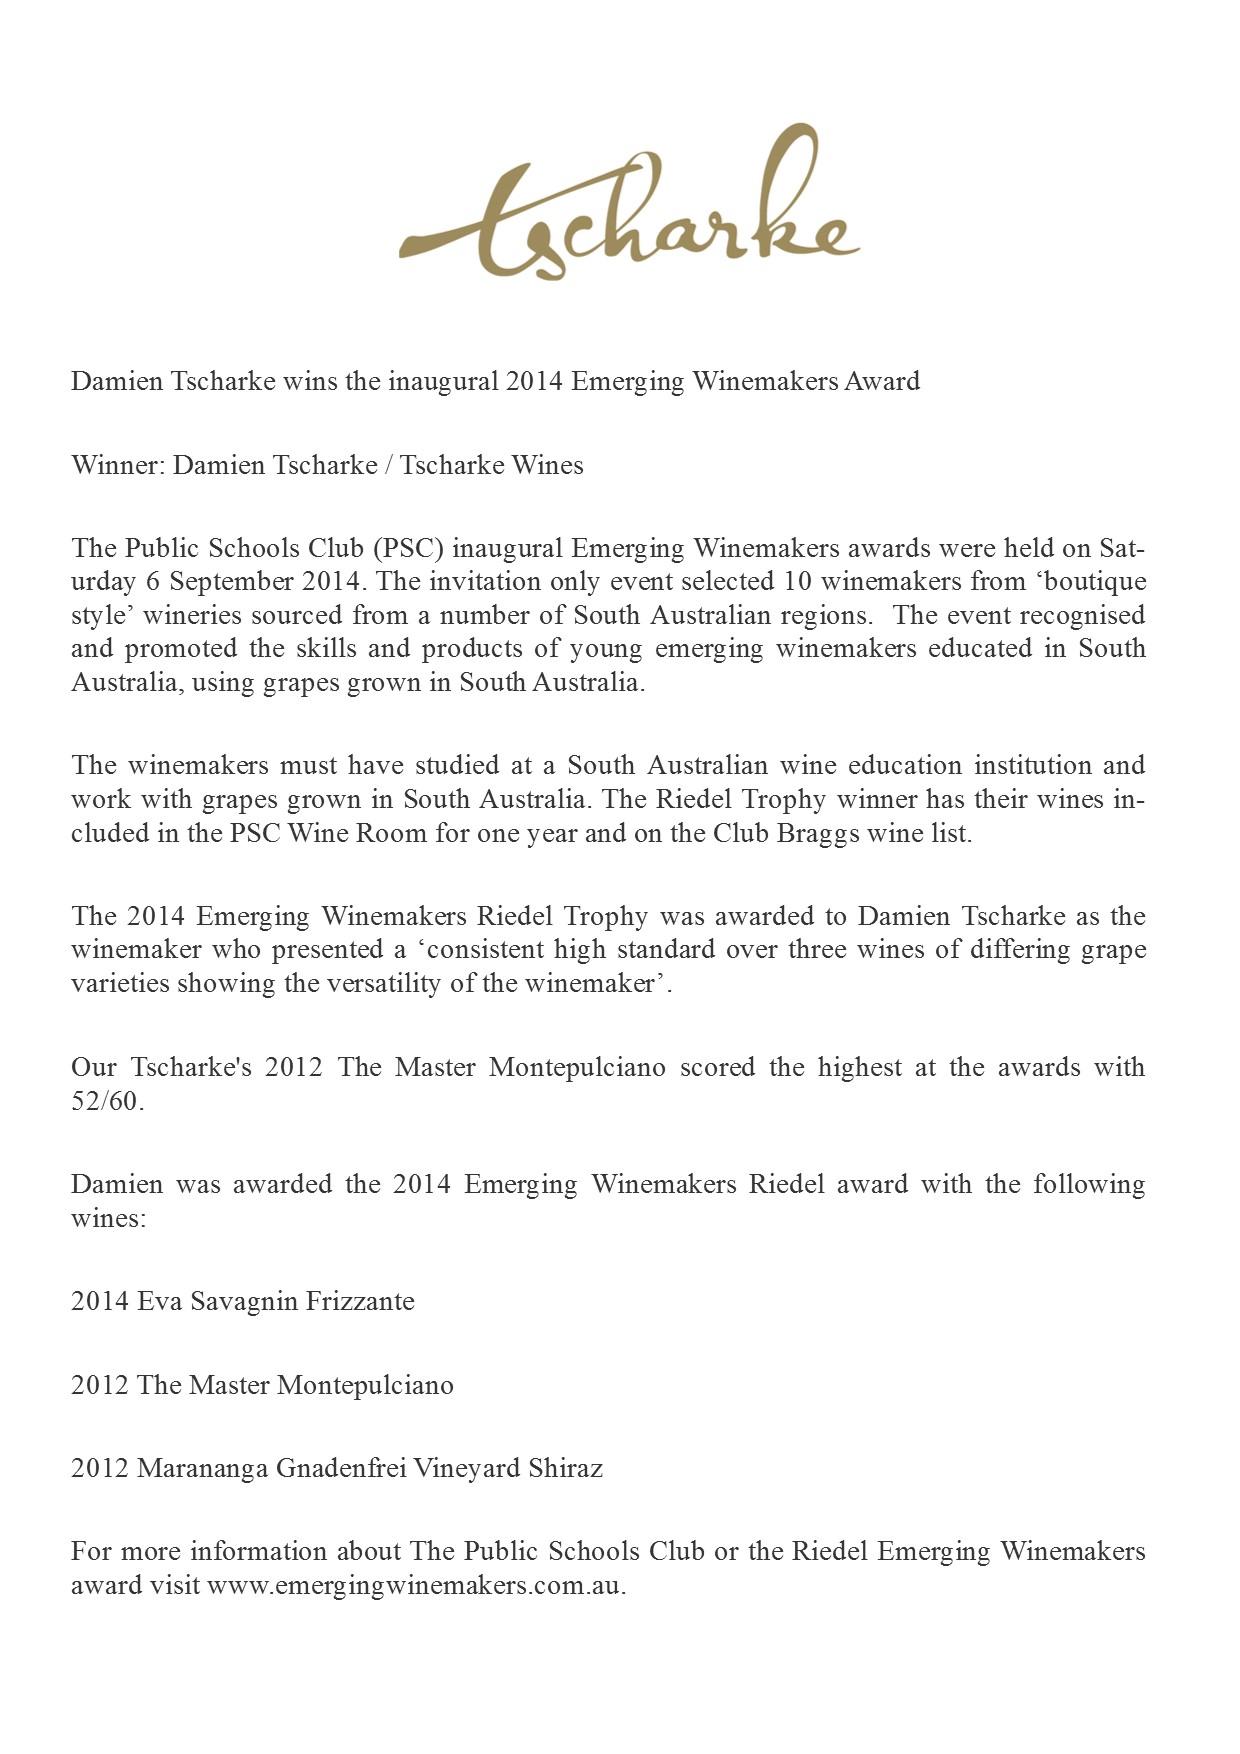 TSCHARKE EMERGING WINEMAKER AWARD.jpg